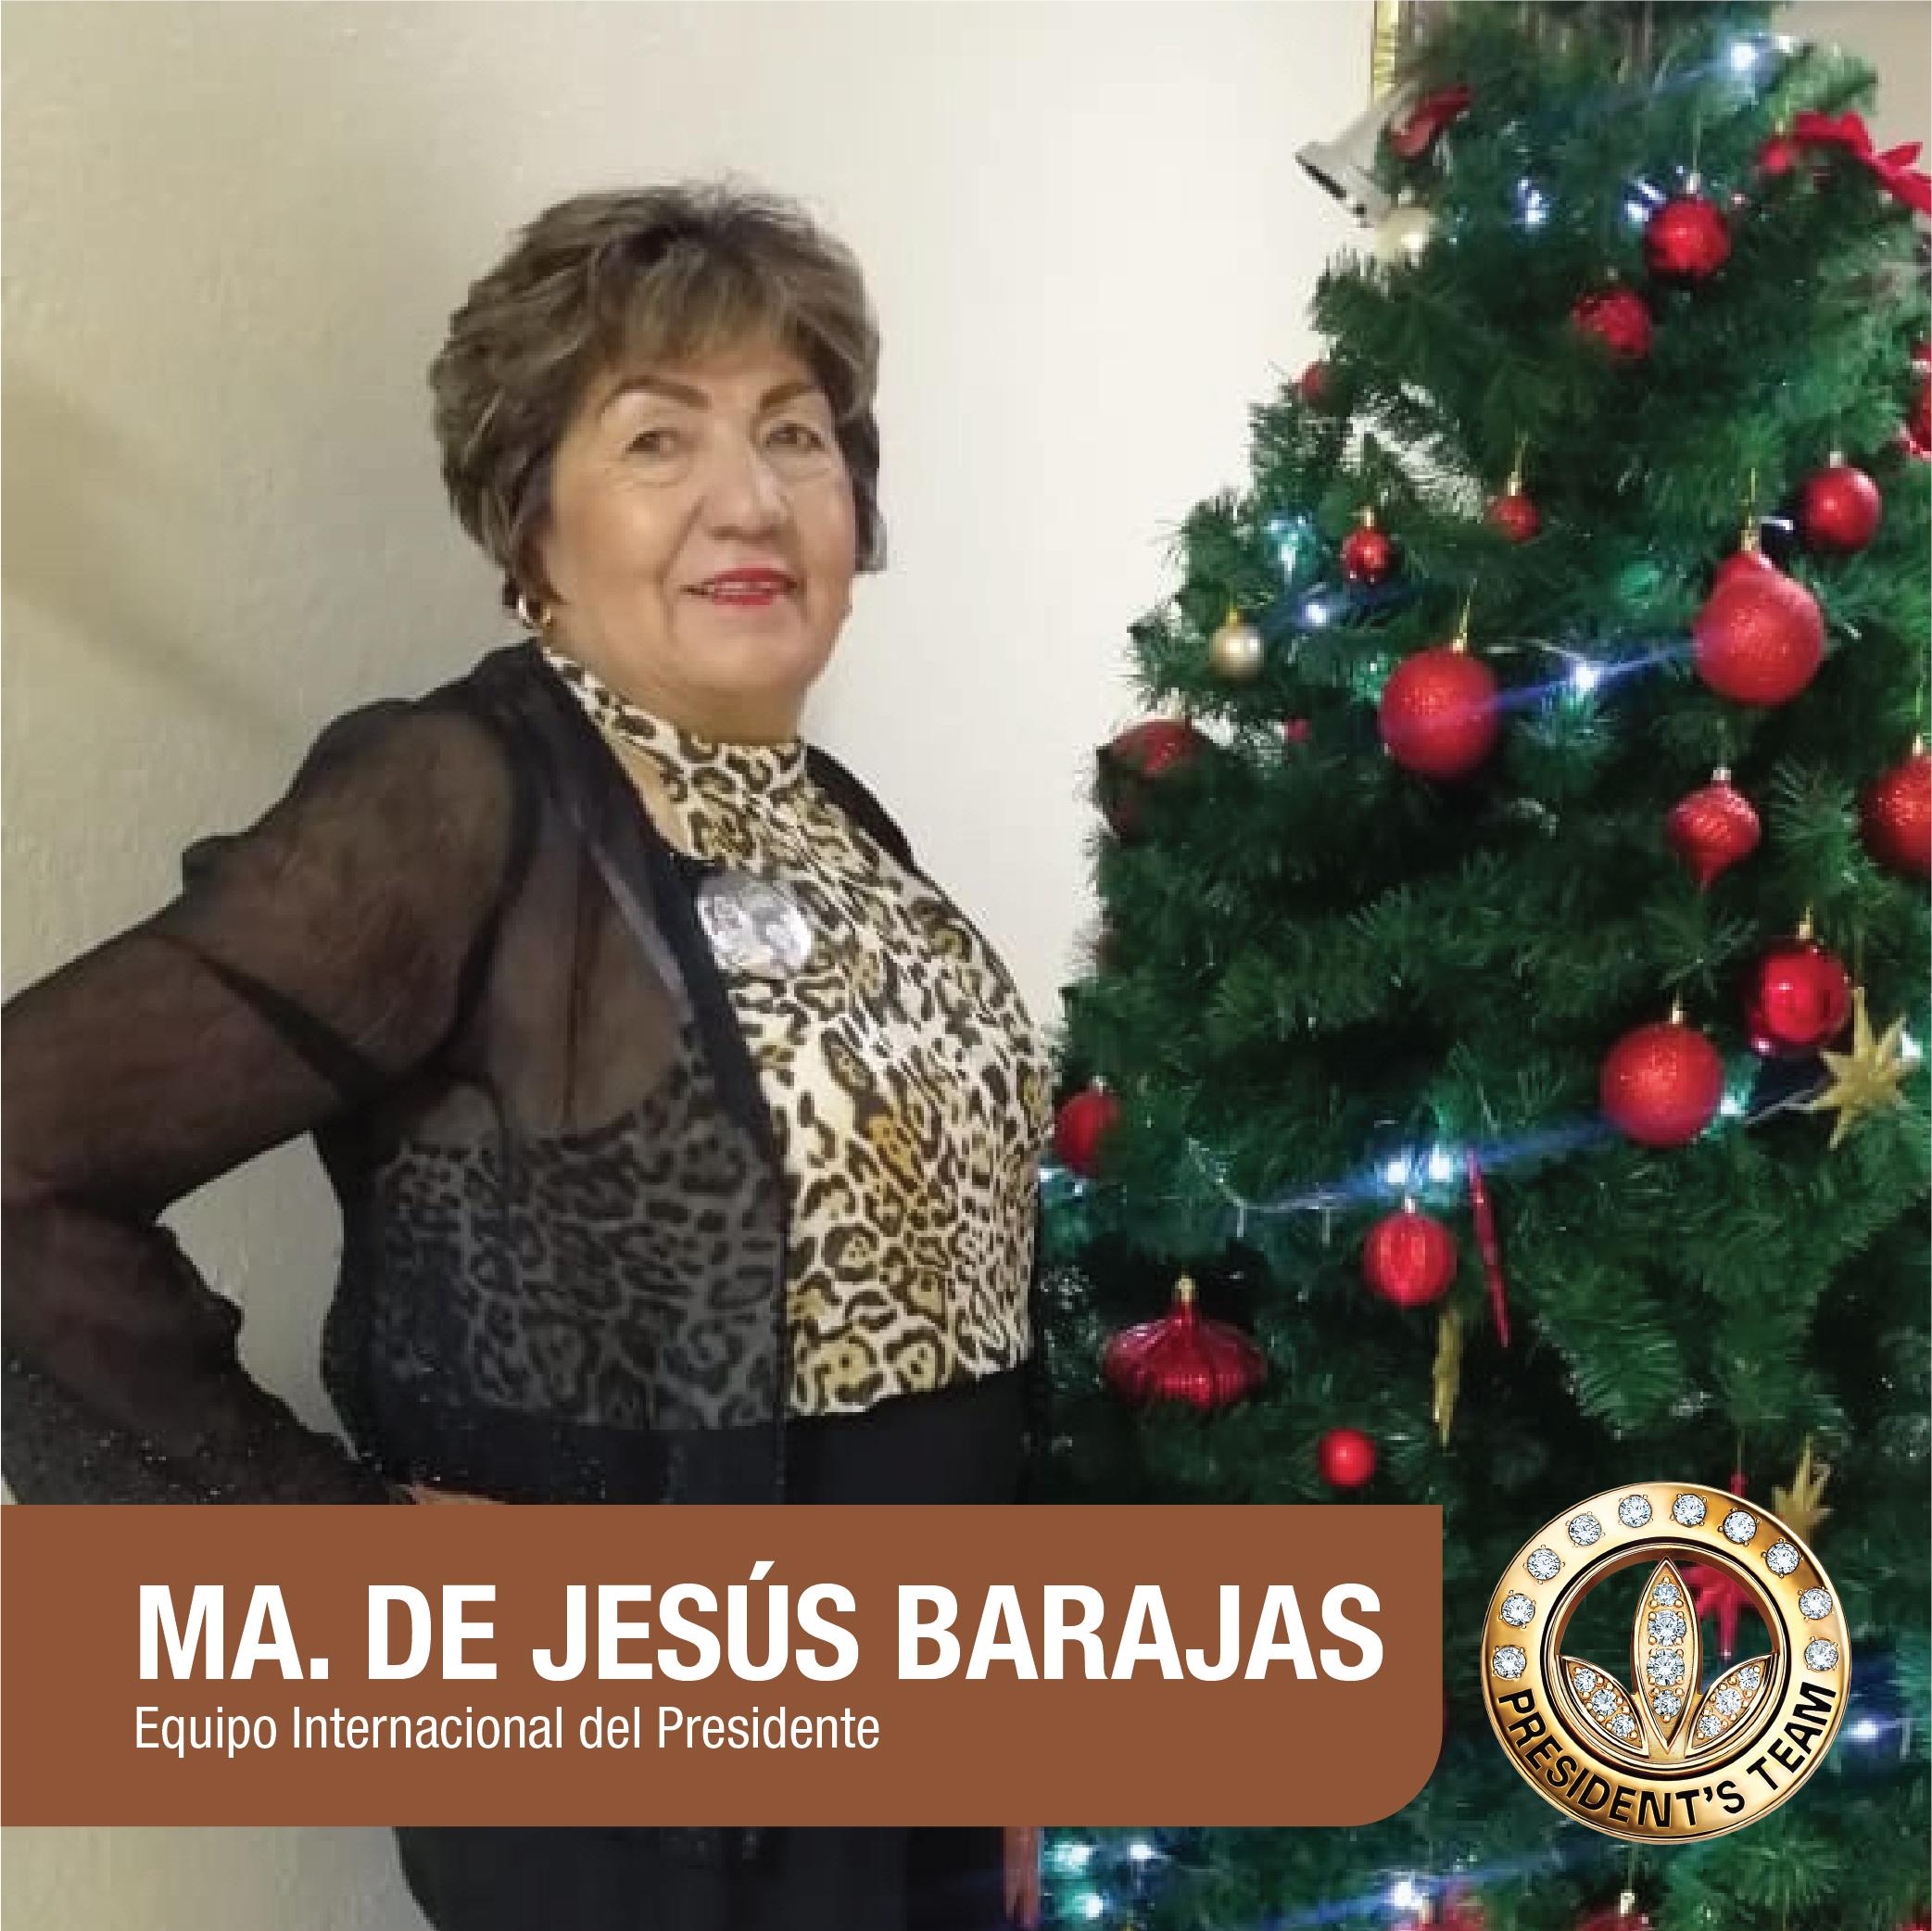 Maria de Jesús Barajas Mojica